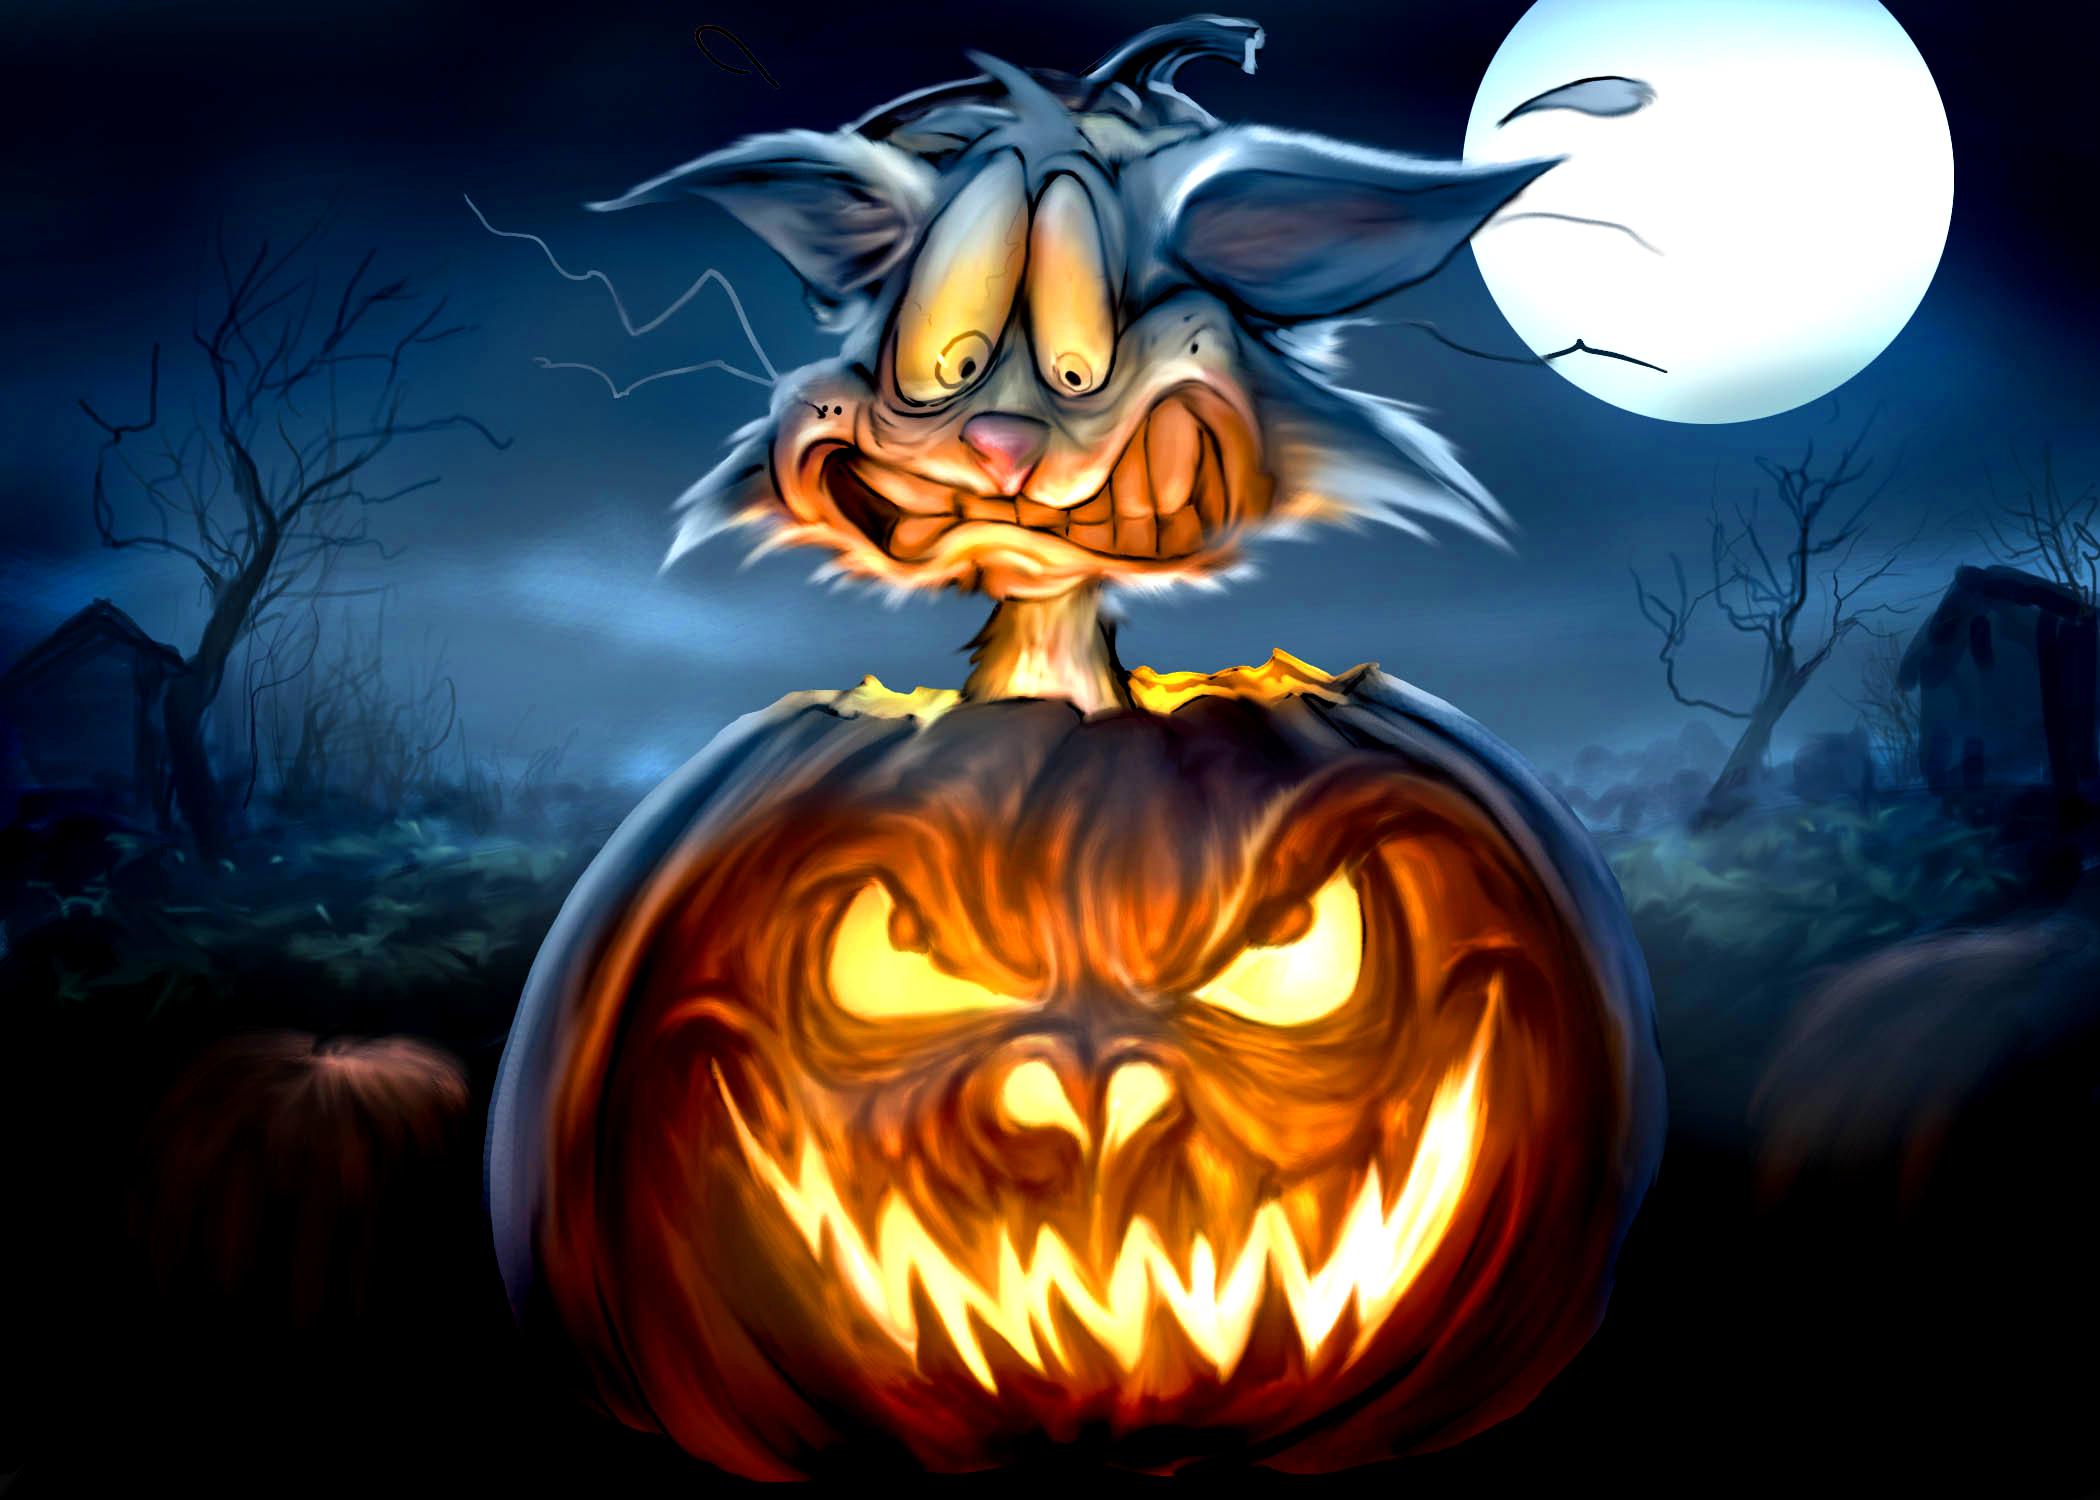 hd-wallpapers-download-happy-halloween-wallpaper-249494-2100x1500-wallpaper